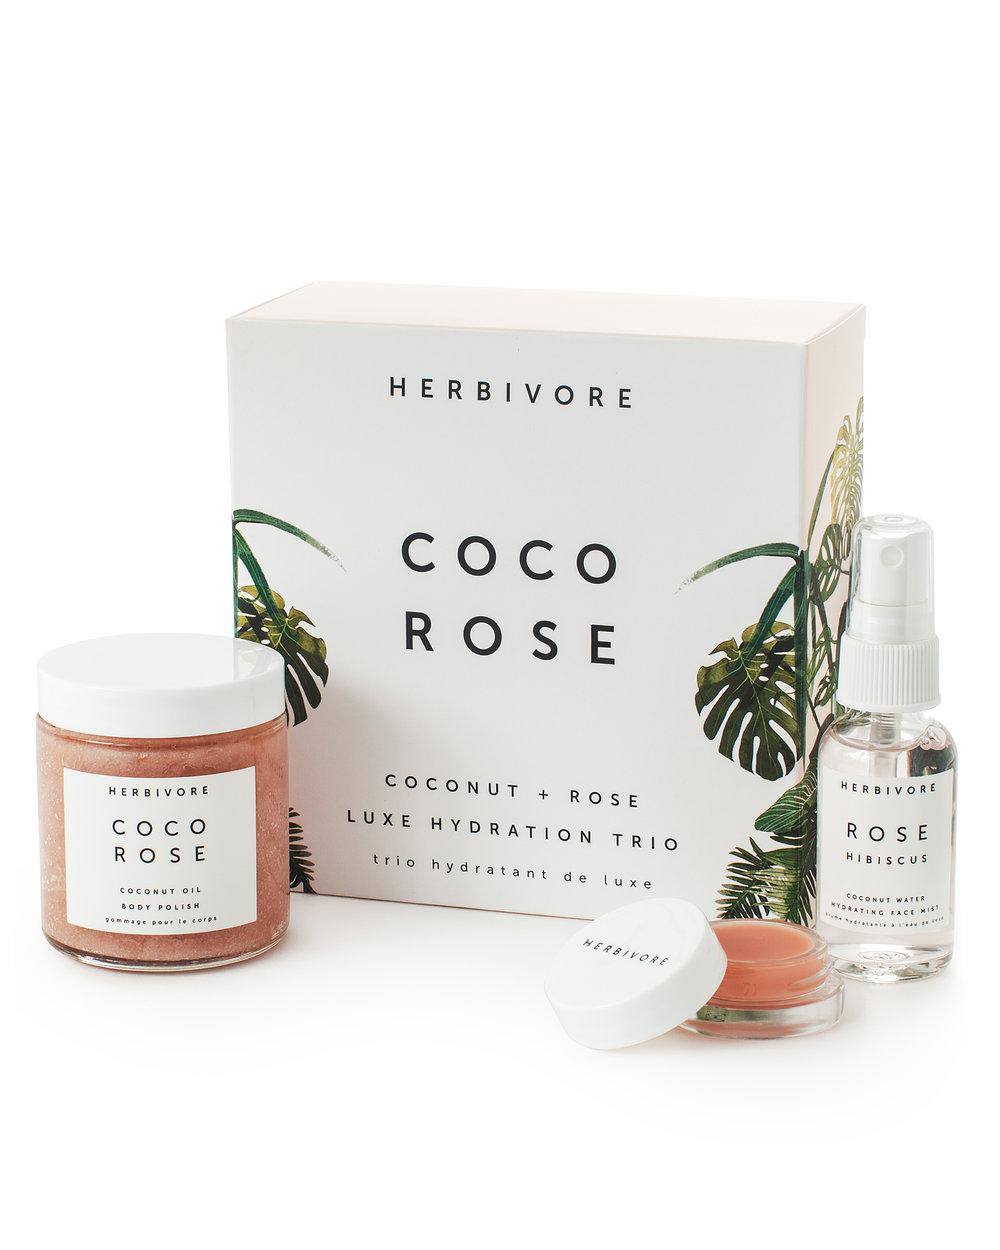 Rose Hydration Trio (Herbivore)